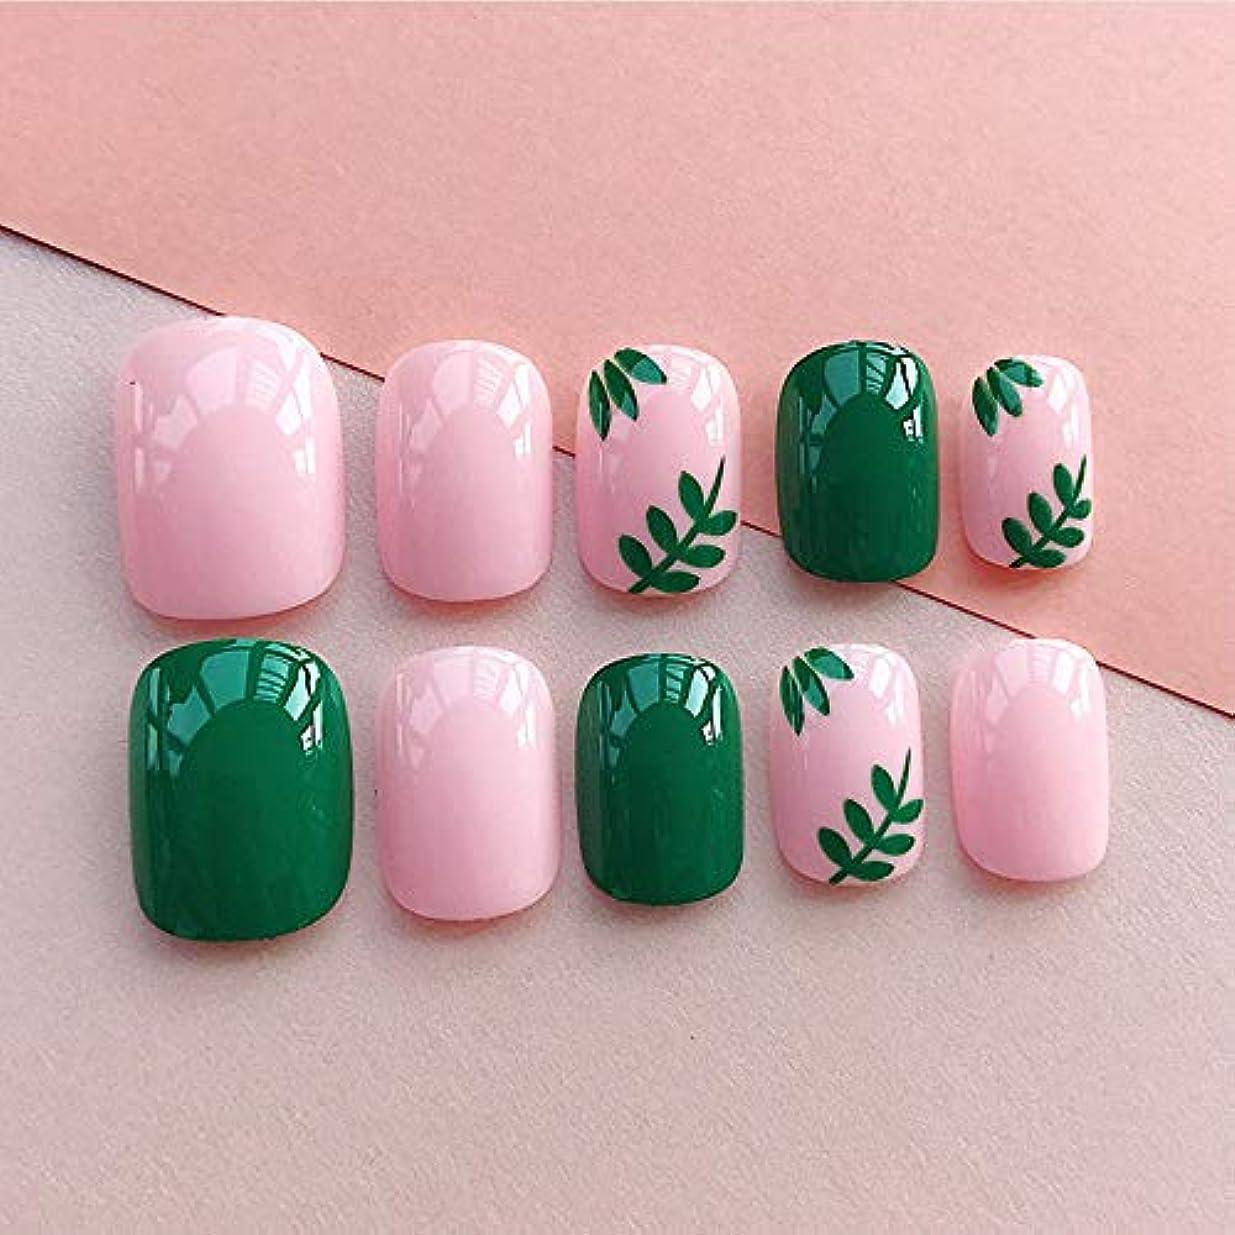 鉛オークション判読できないLIARTY ネイルチップ 夏の ピンク 緑の葉 優雅 短い 四角形 フルカバー 24枚 12別サイズ つ